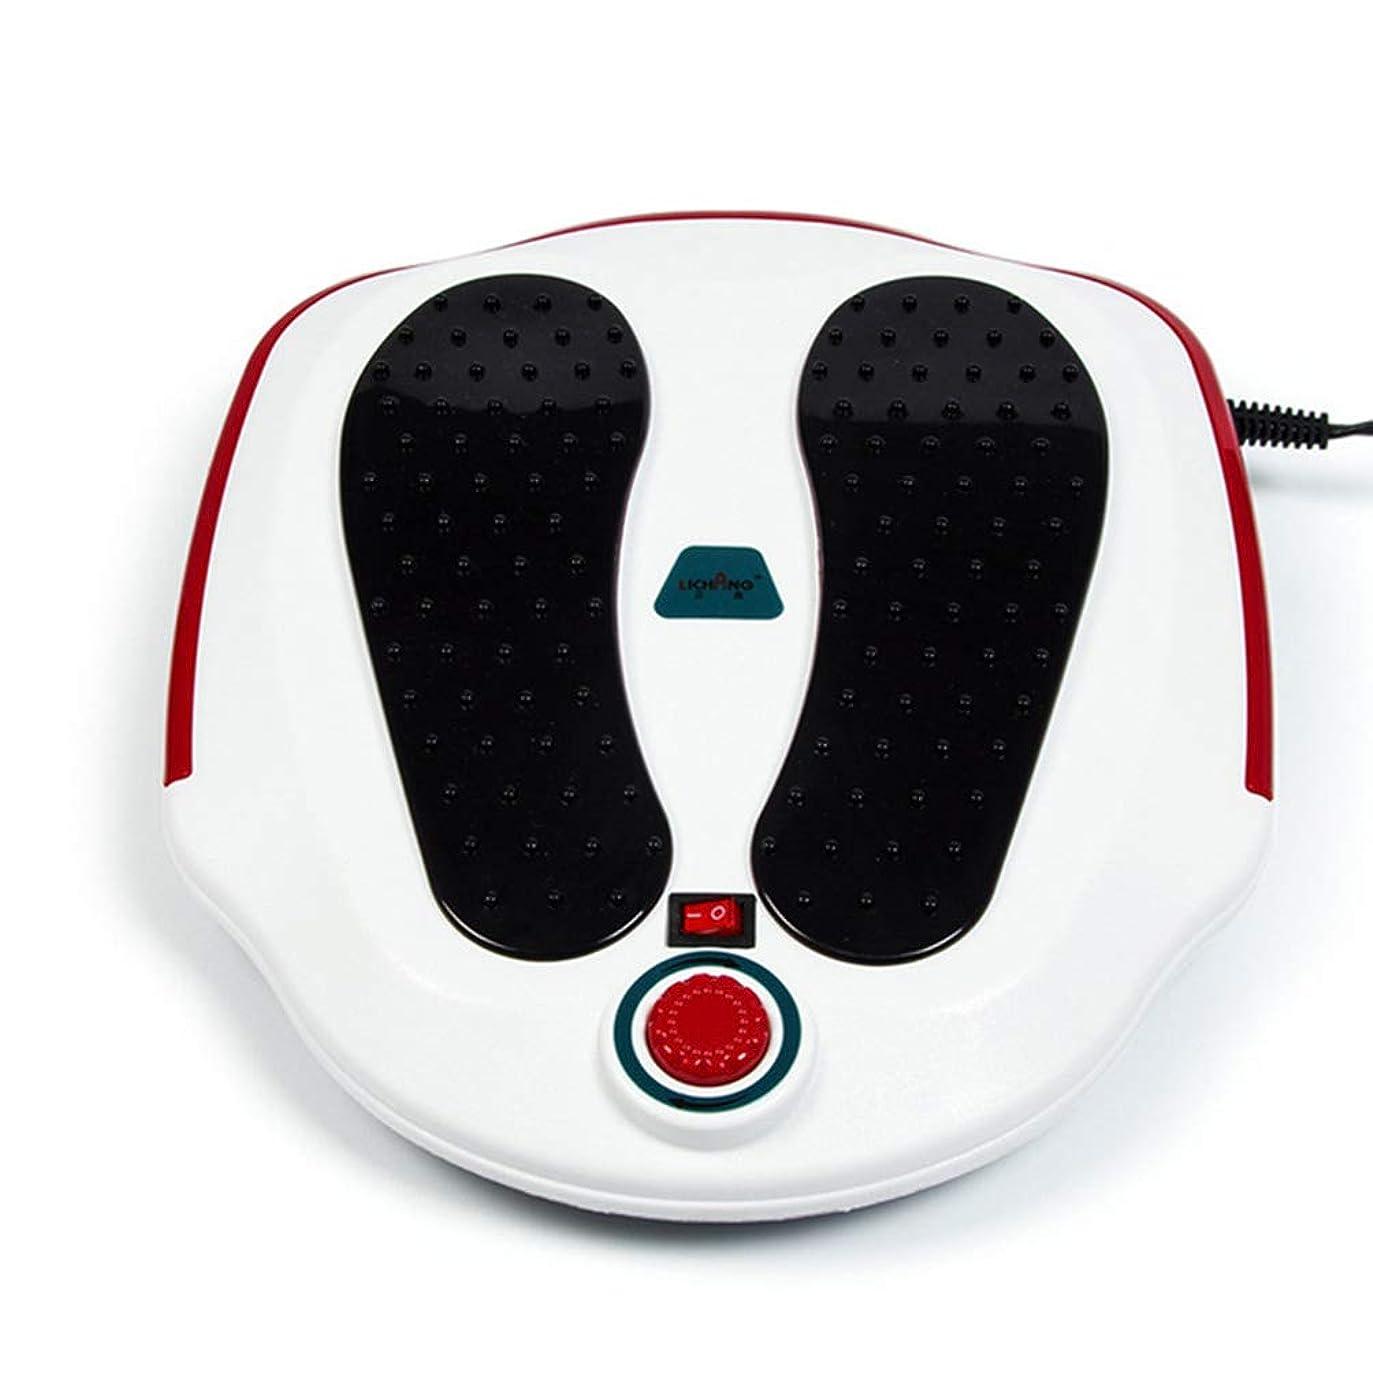 指令再開繊毛電気の フットマッサージャー、フルフットマッサージエクスペリエンス用ABS素材、循環系の改善、硬い筋肉の柔らかさ、痛みの緩和治療。 人間工学的デザイン